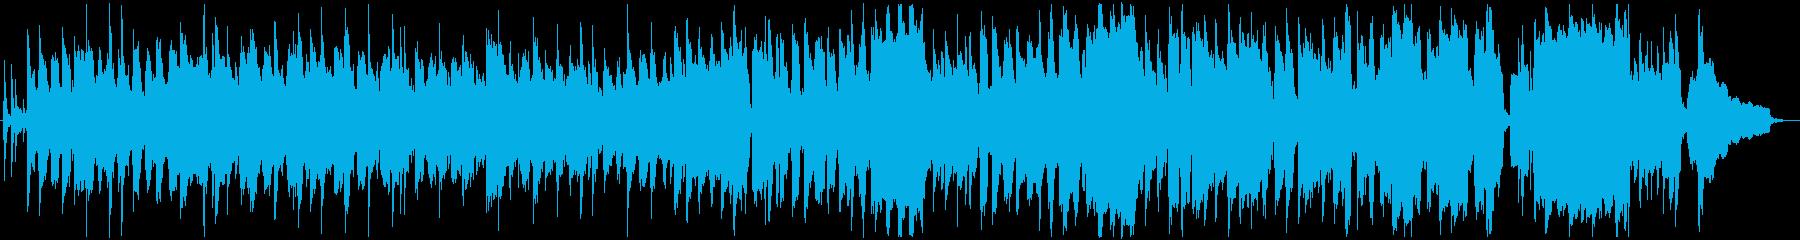 可愛らしいリコーダーの軽快な曲の再生済みの波形